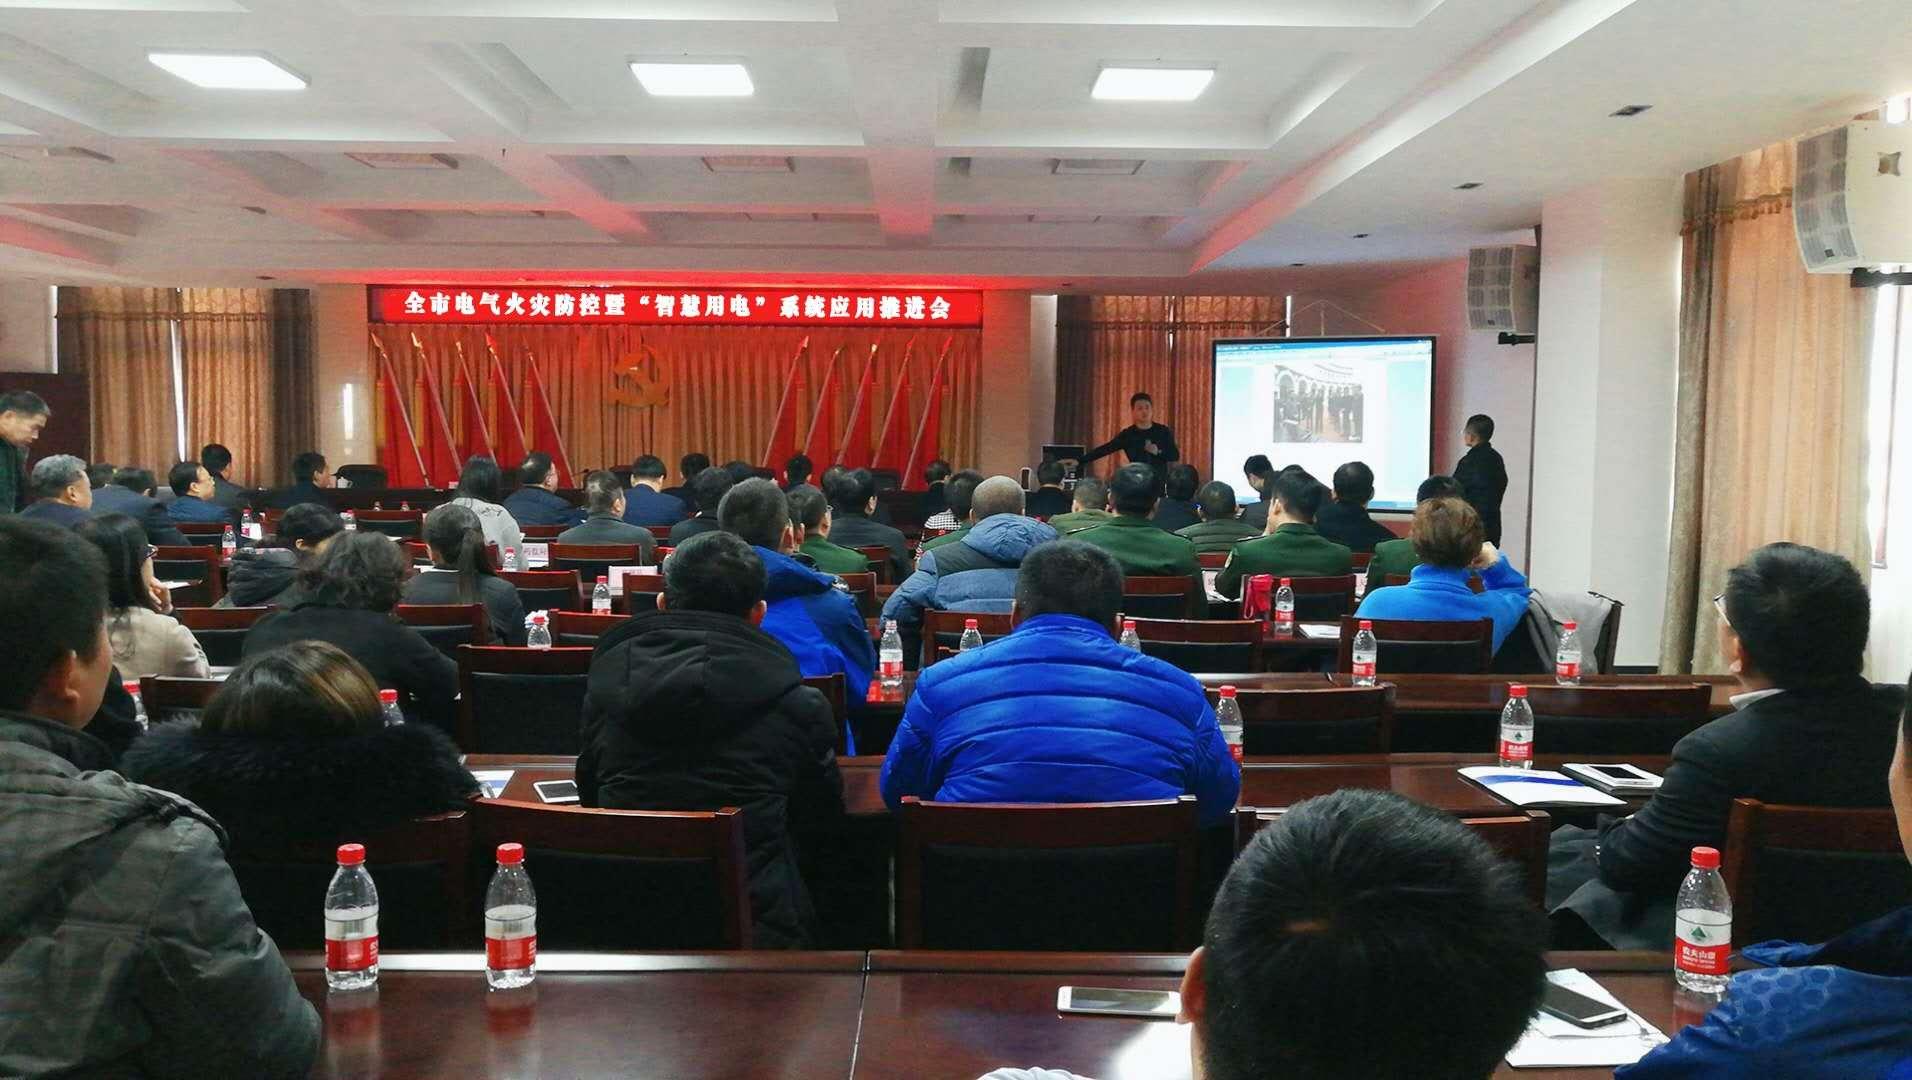 漯河市政府智慧用电建设推进会.jpg